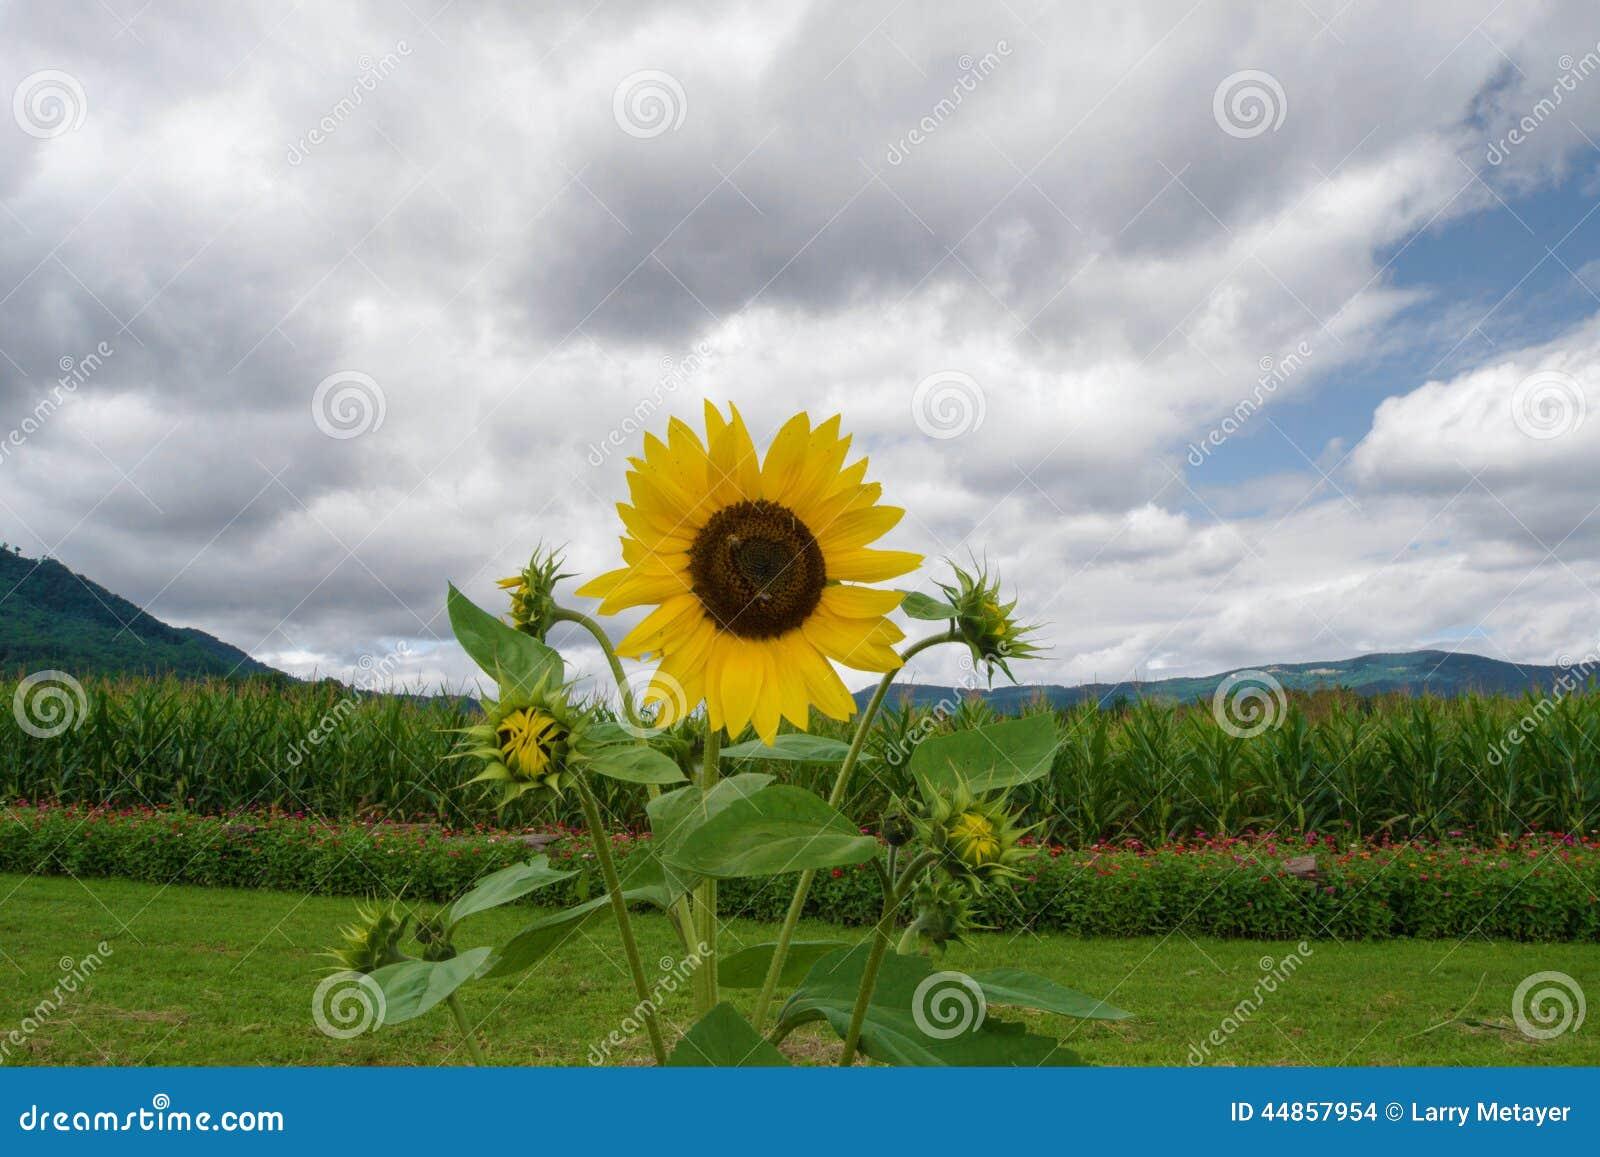 Girasol, maíz, montañas y cielo